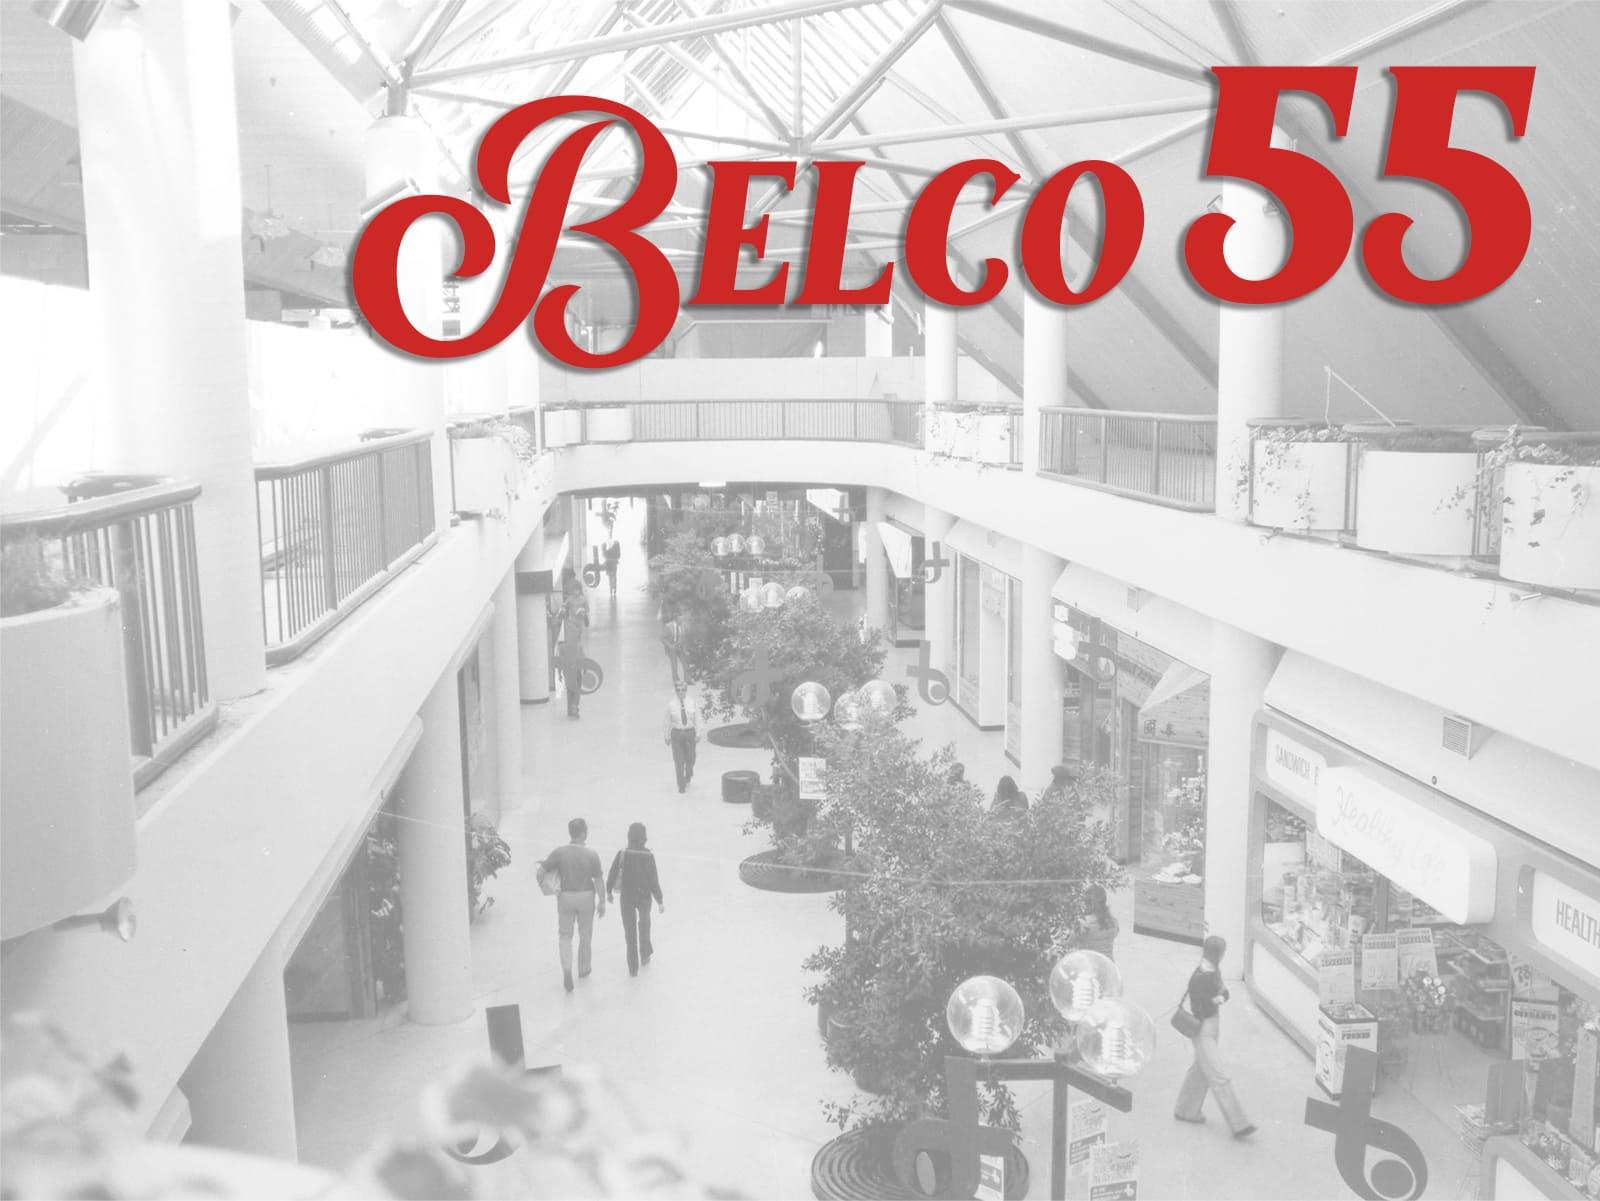 Belco 55